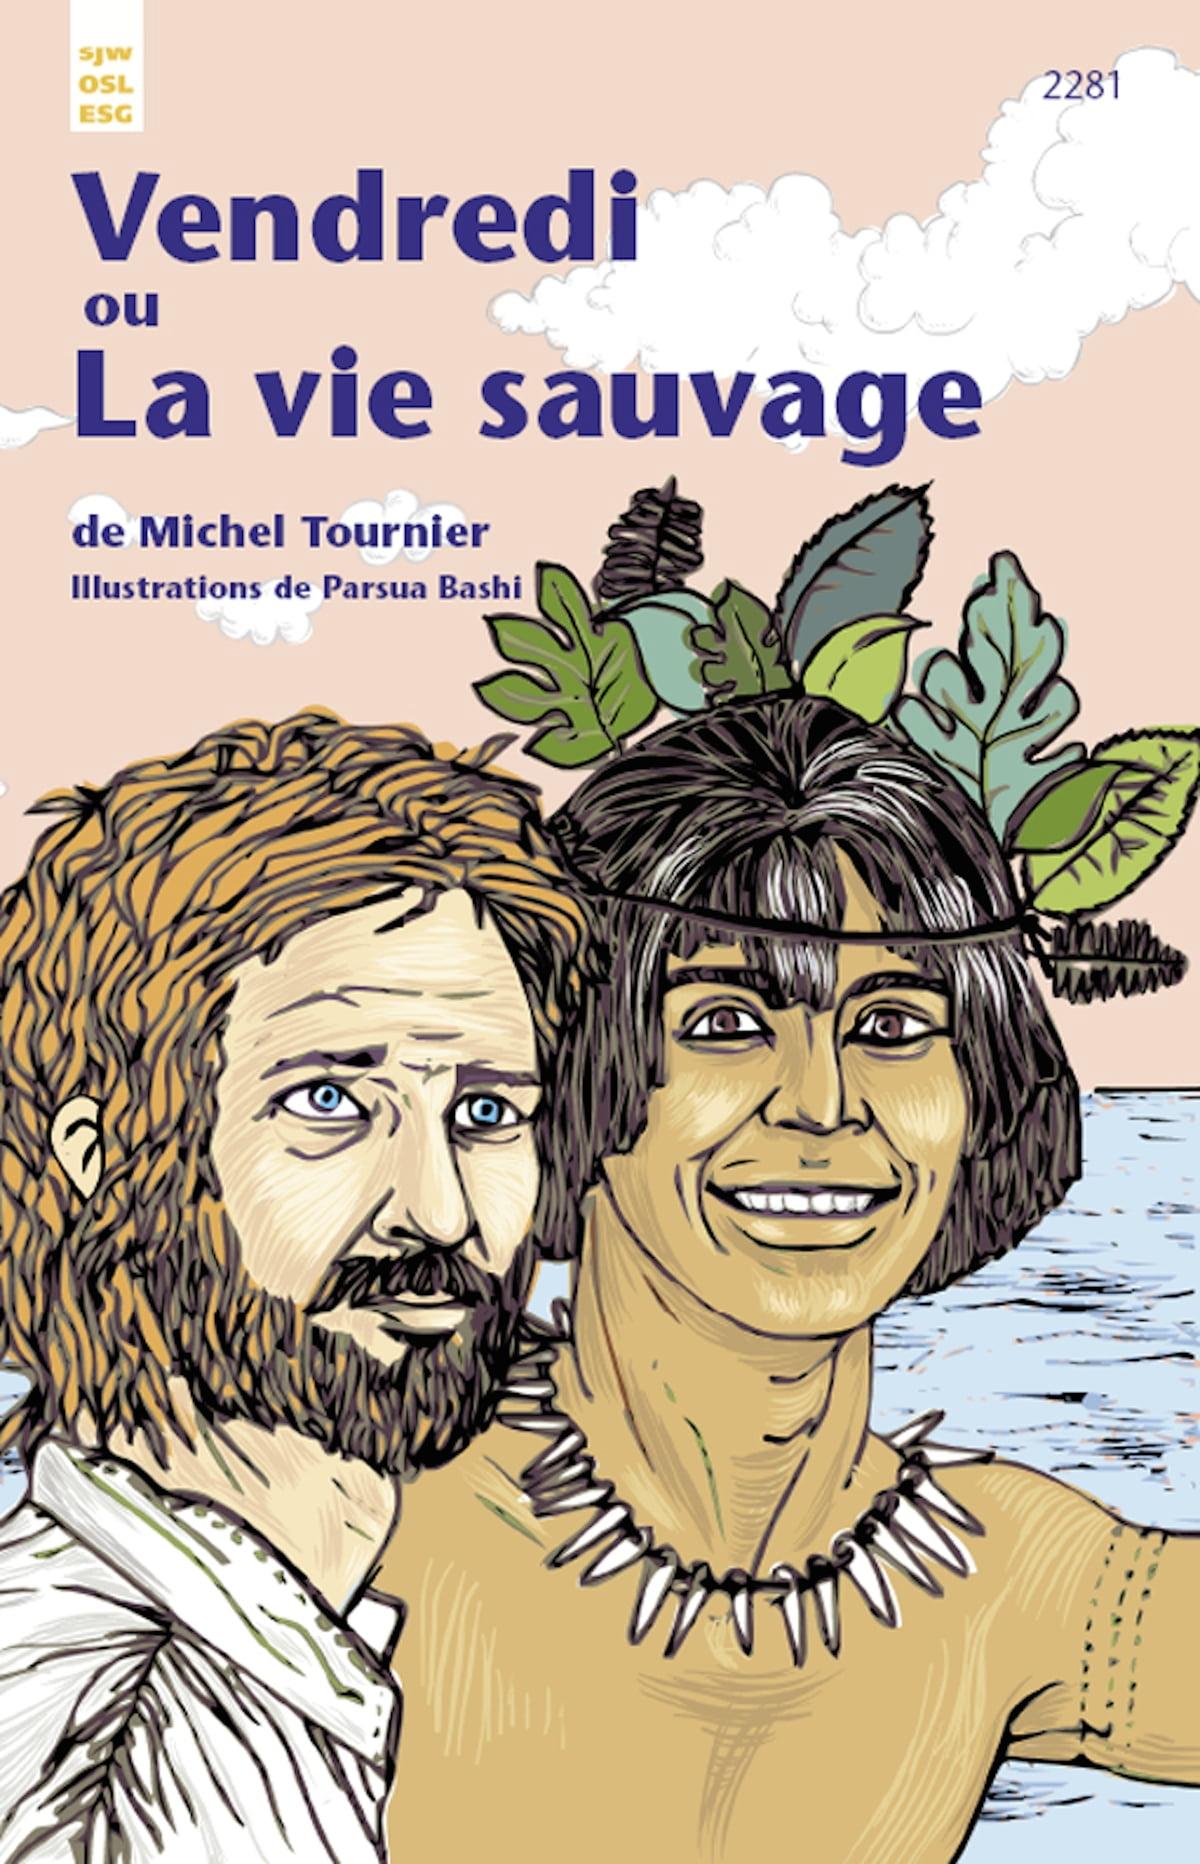 Vendredi Et La Vie Sauvage : vendredi, sauvage, Vendredi, Sauvage, EBook, Michel, Tournier, 9783726907150, Rakuten, United, States